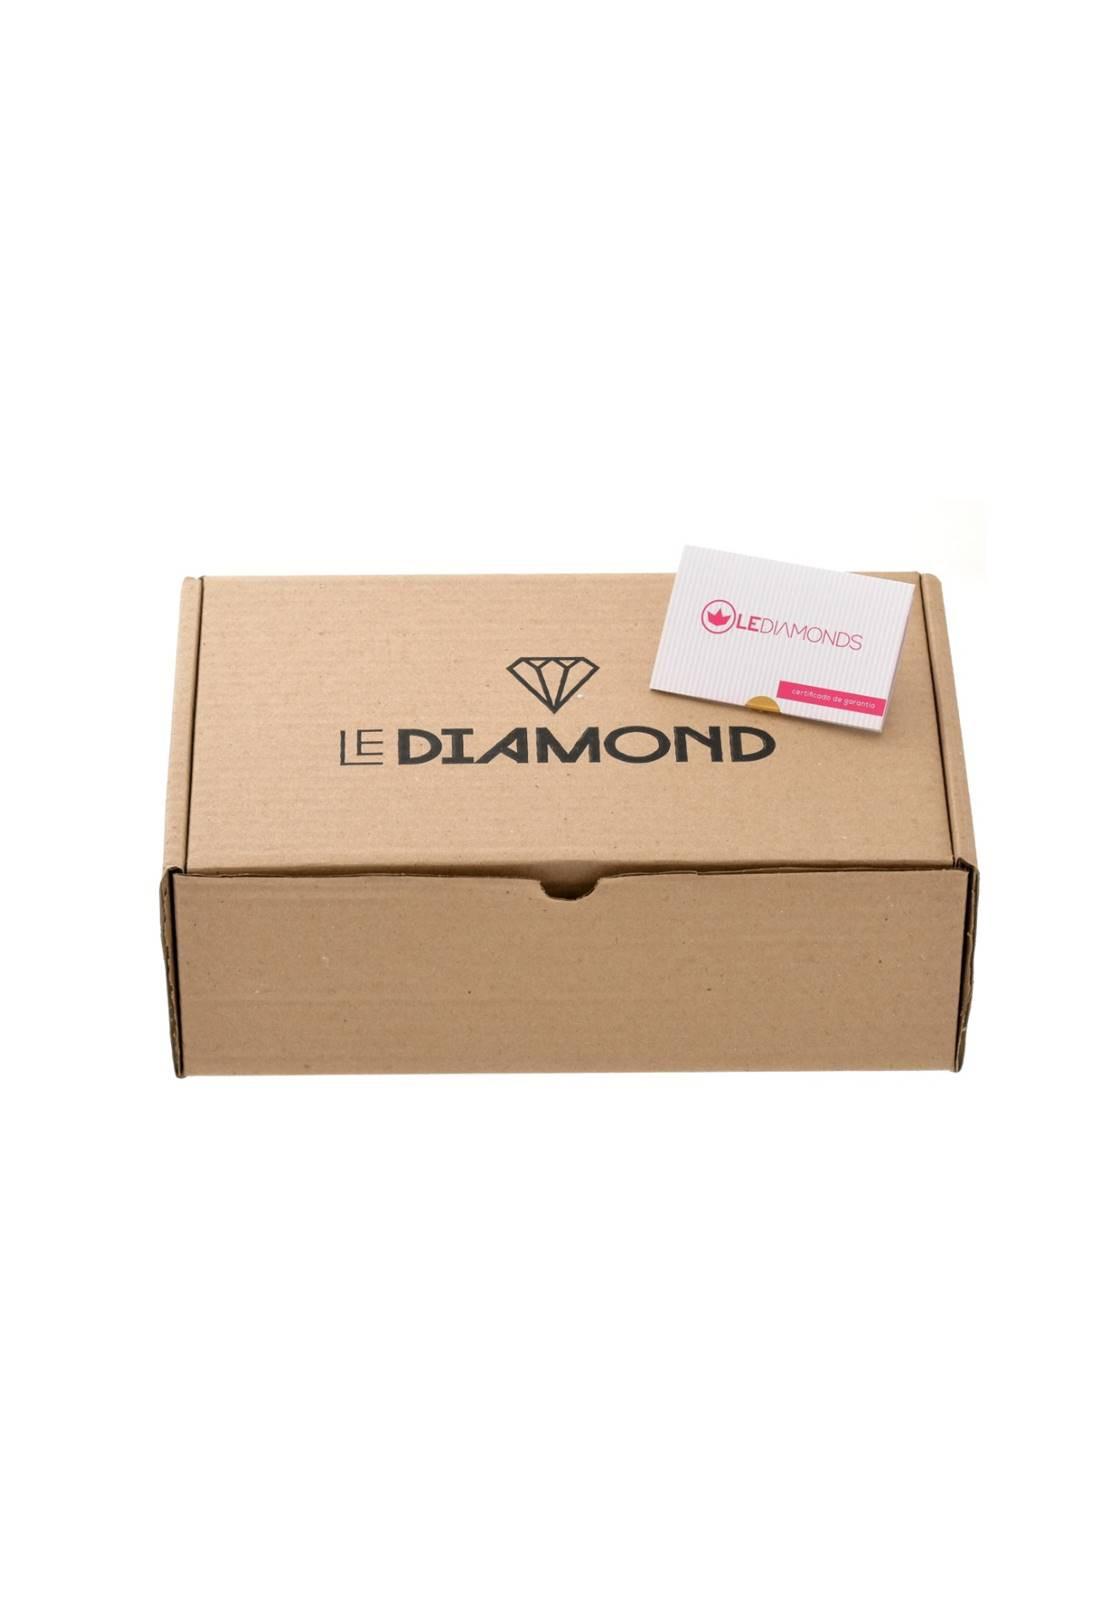 Brinco Le Diamond de Encaixe Elo Liso Dourado